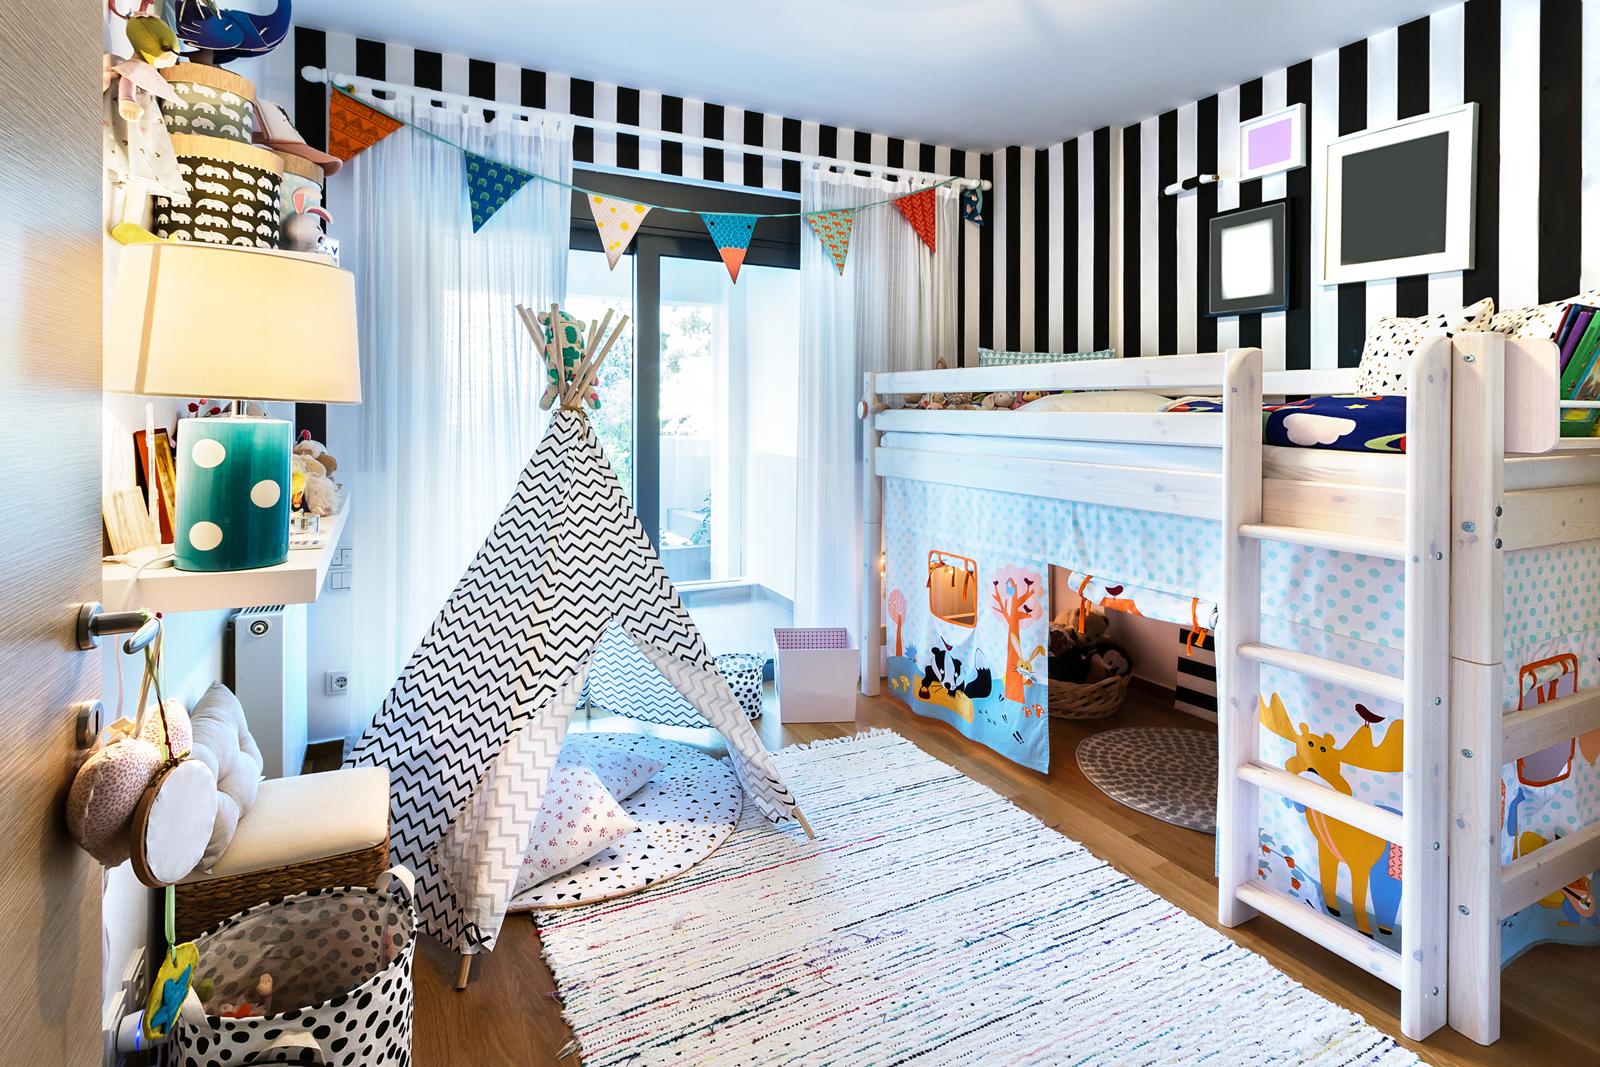 Rückzugsorte für klein und groß: Tipi und eine Höhle unterm Bett sind ideale Spiel- und Ruheräume.